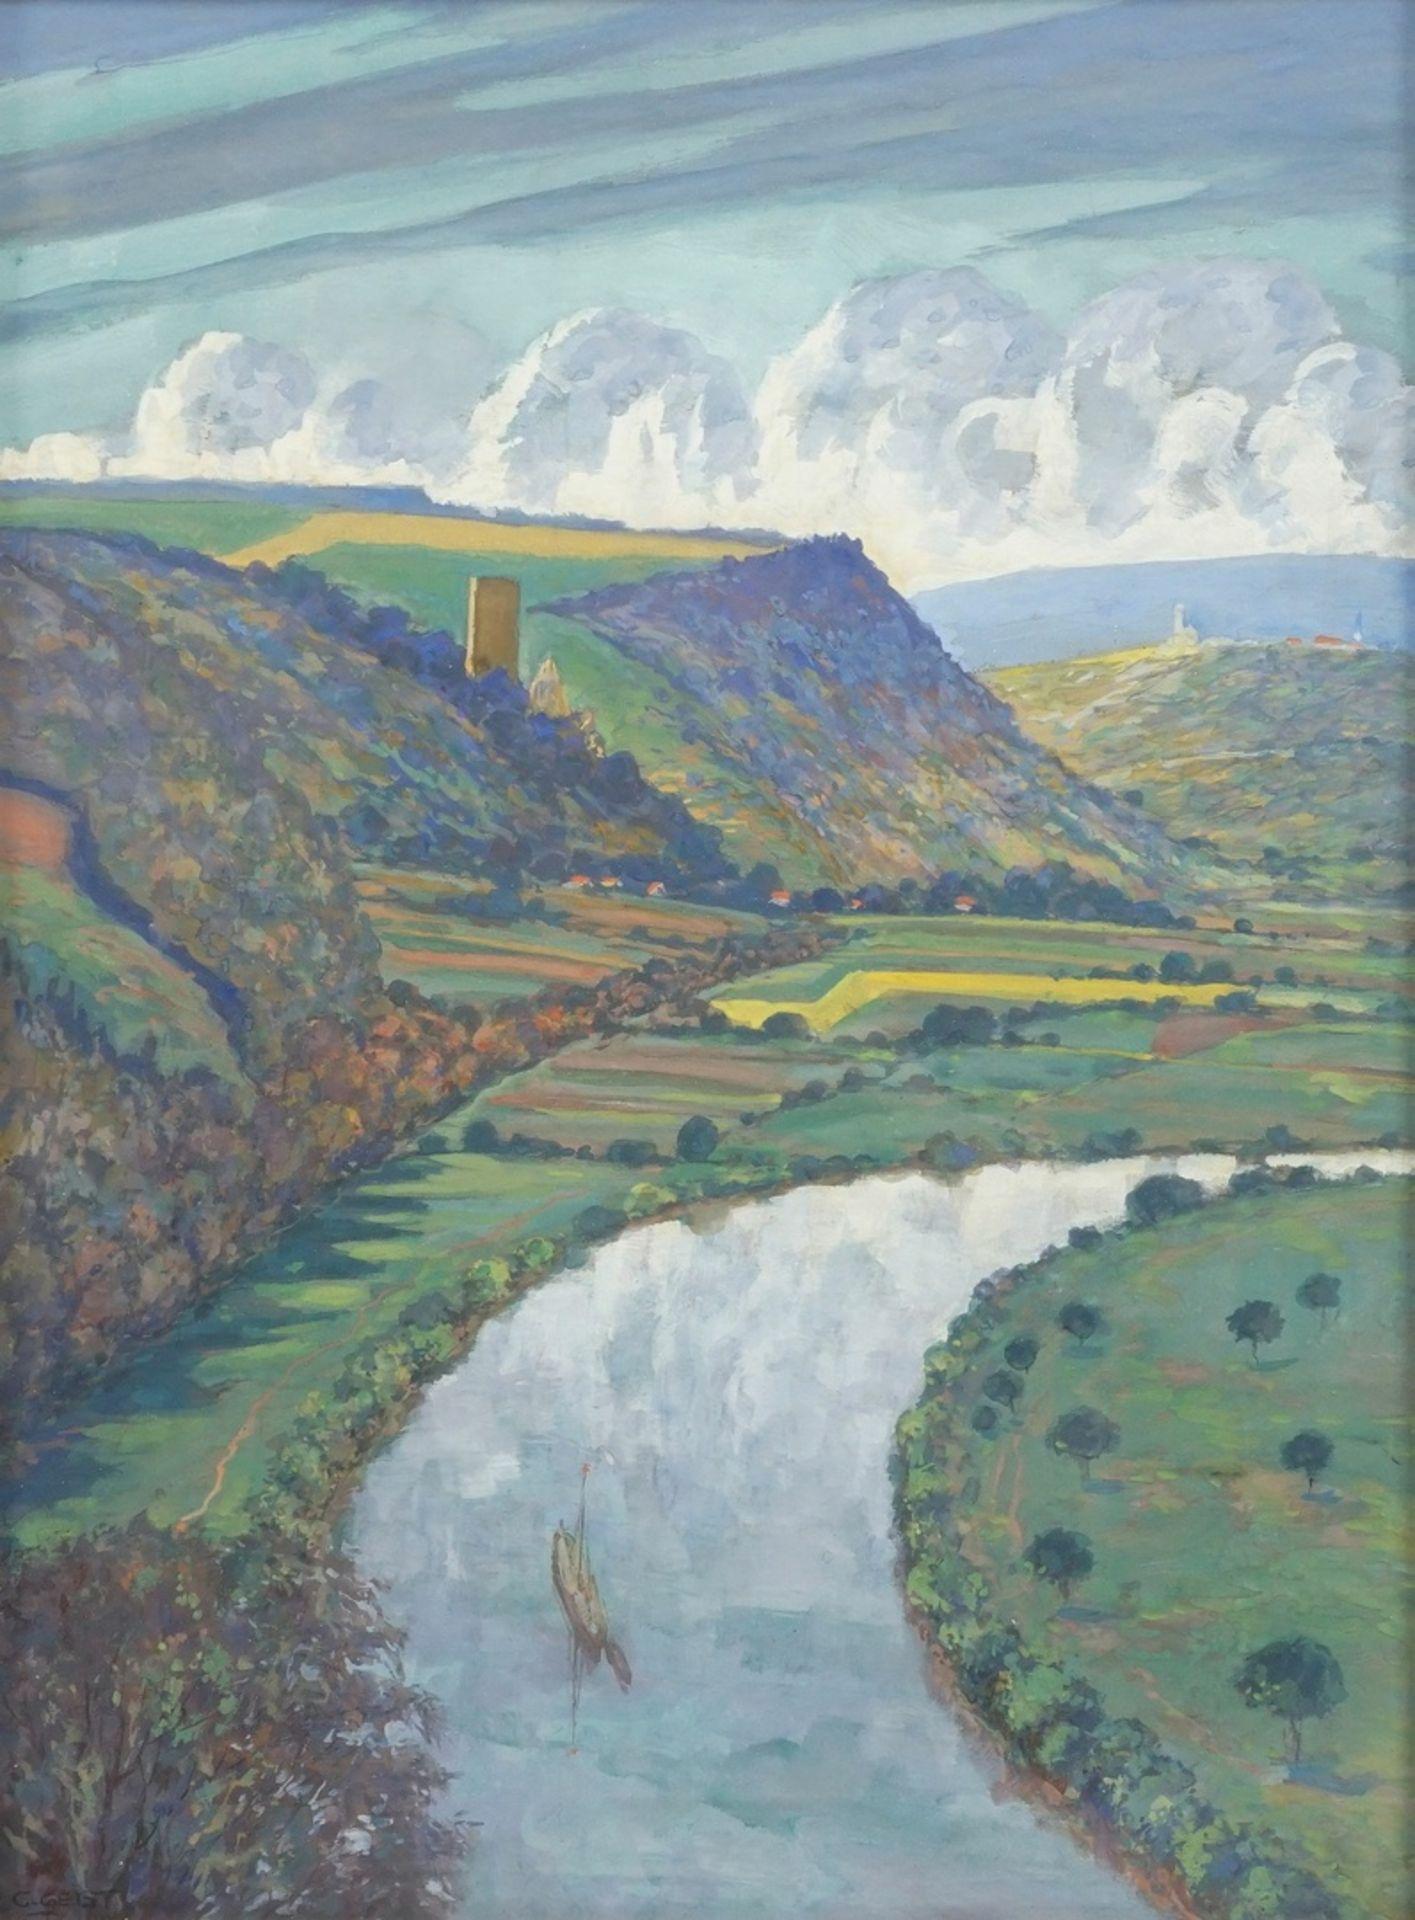 Carl Wilhelm Geist, Flusslauf mit Burgenlandschaft